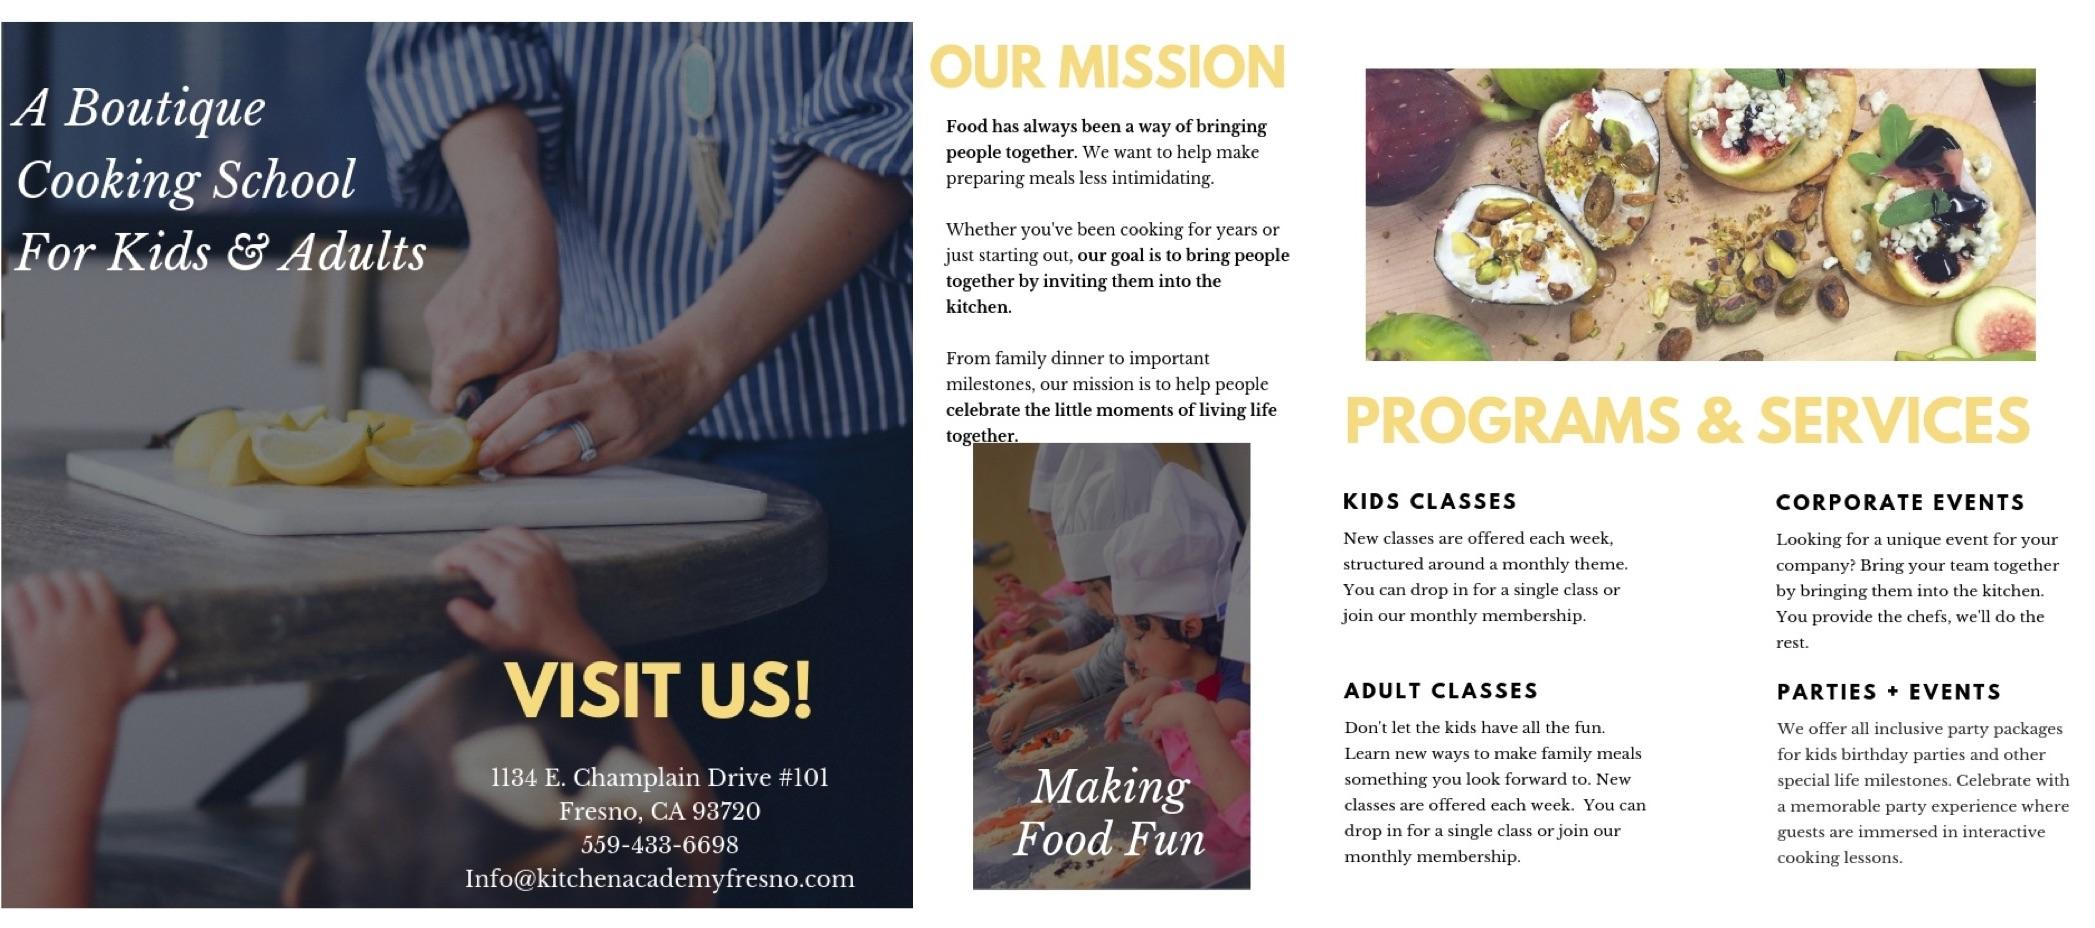 Erin Brennan - Marketing Case Study - Kitchen Academy.jpg